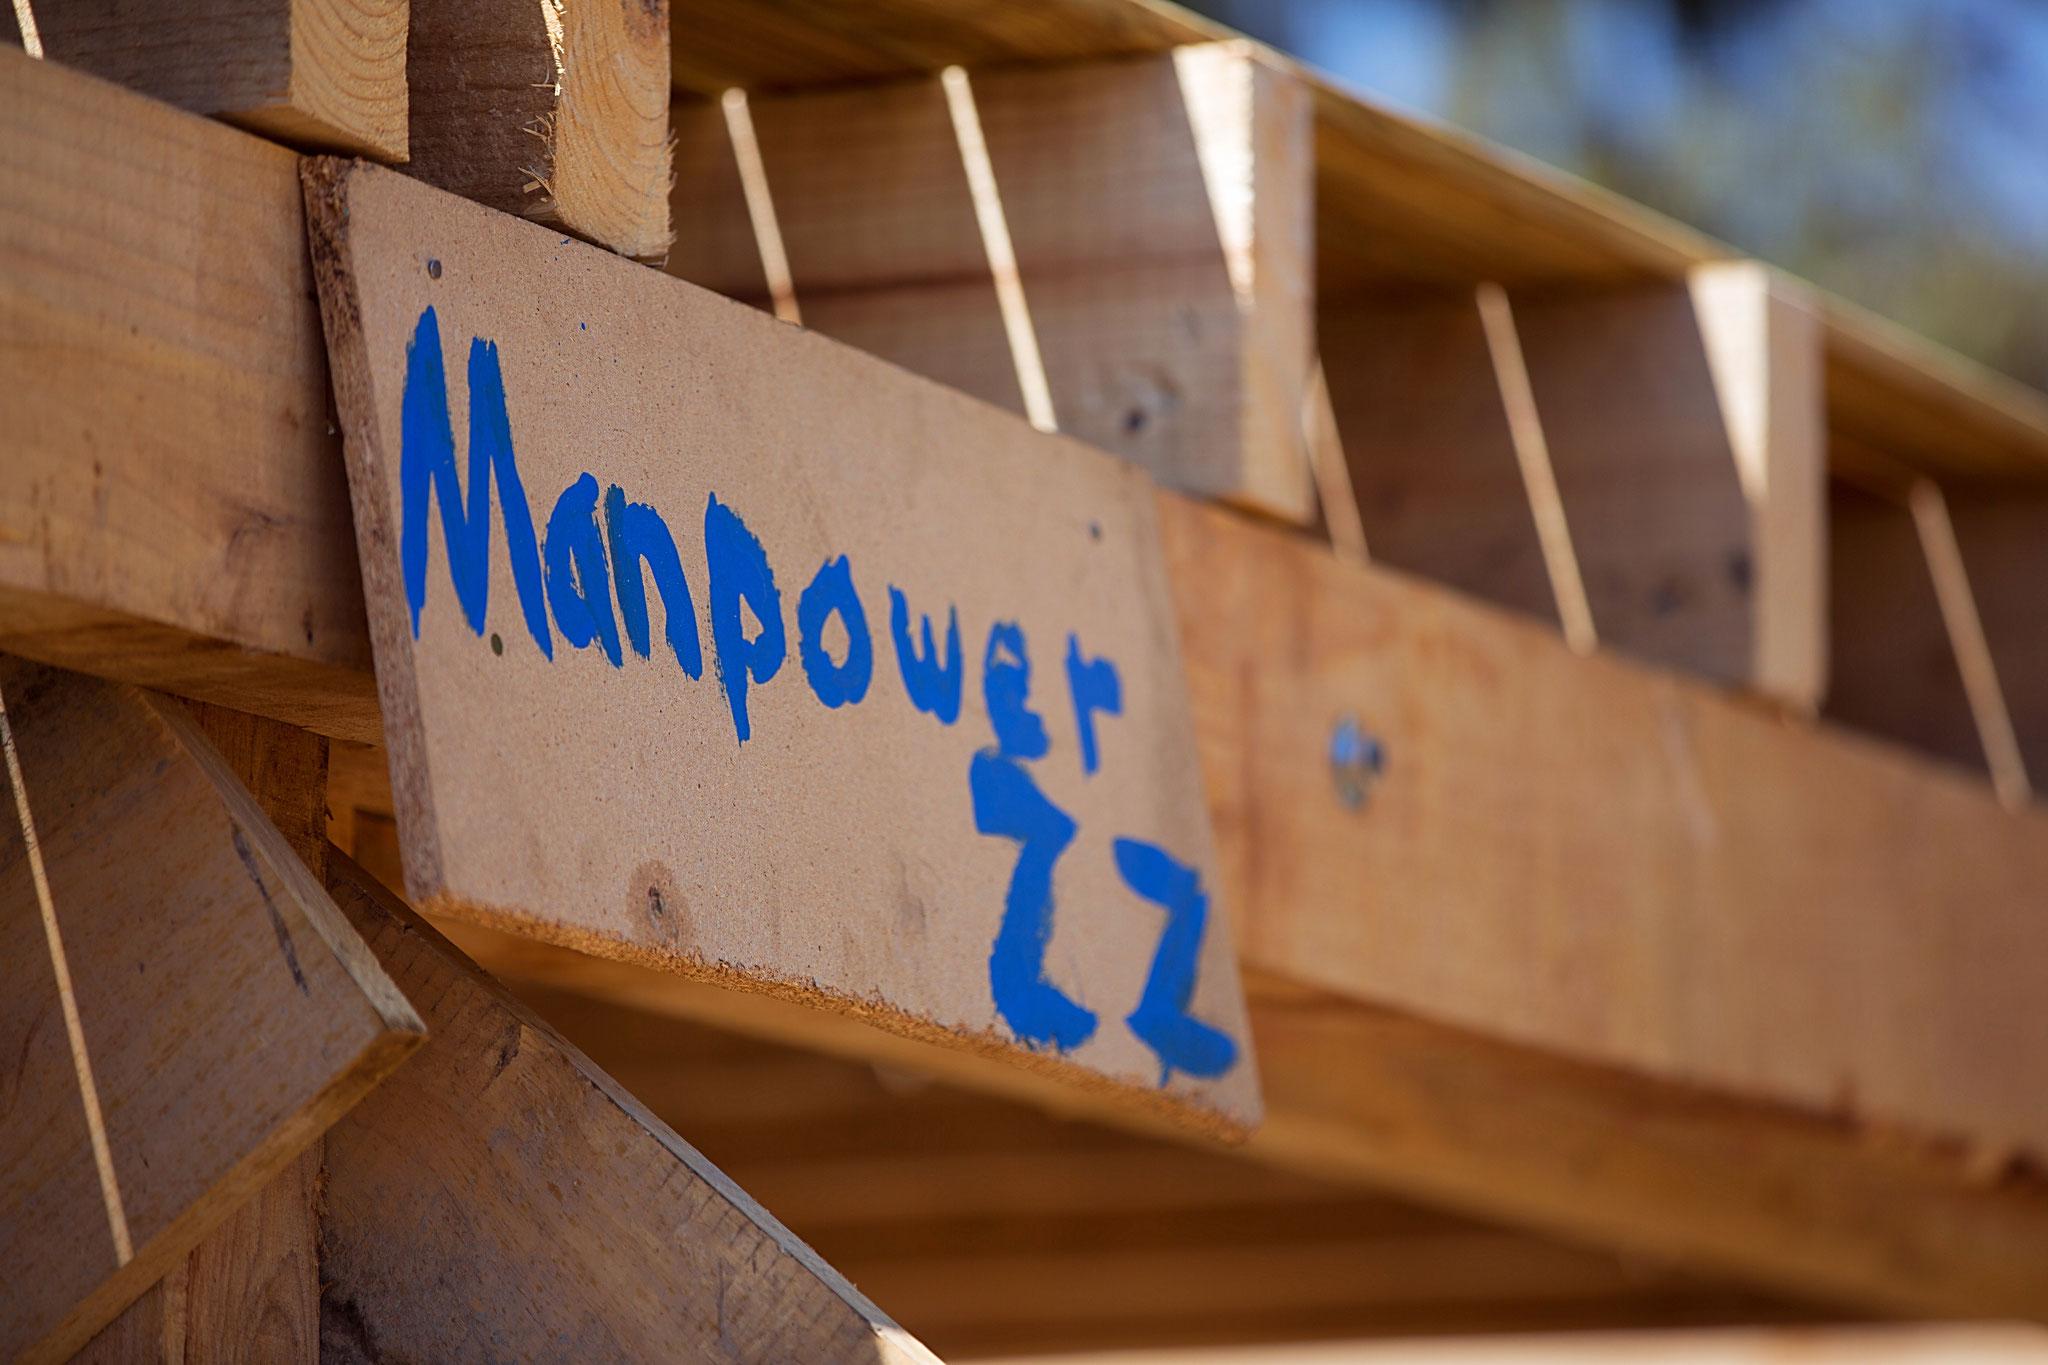 Manpower ZZ